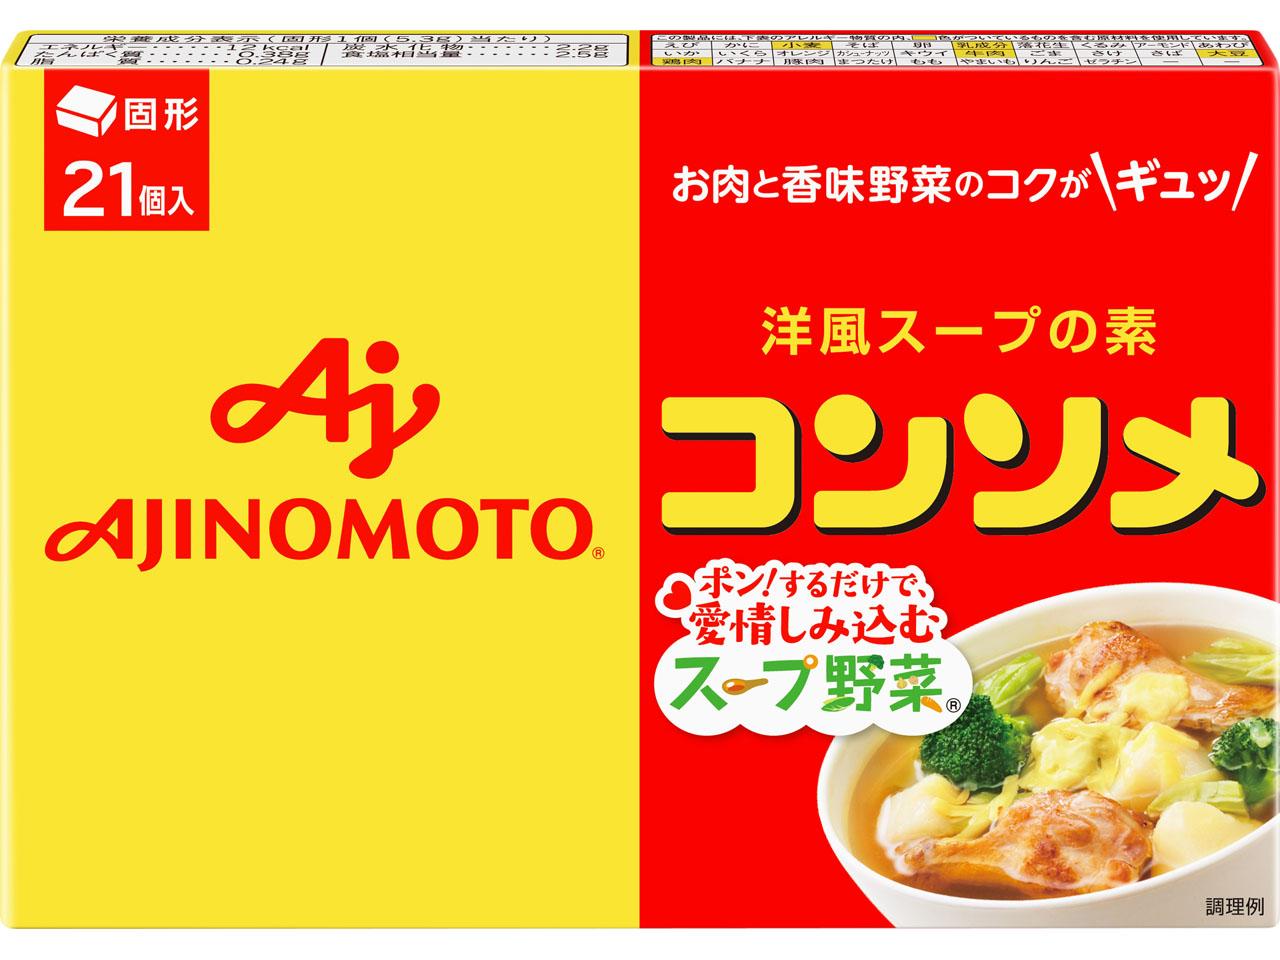 洋風スープの素